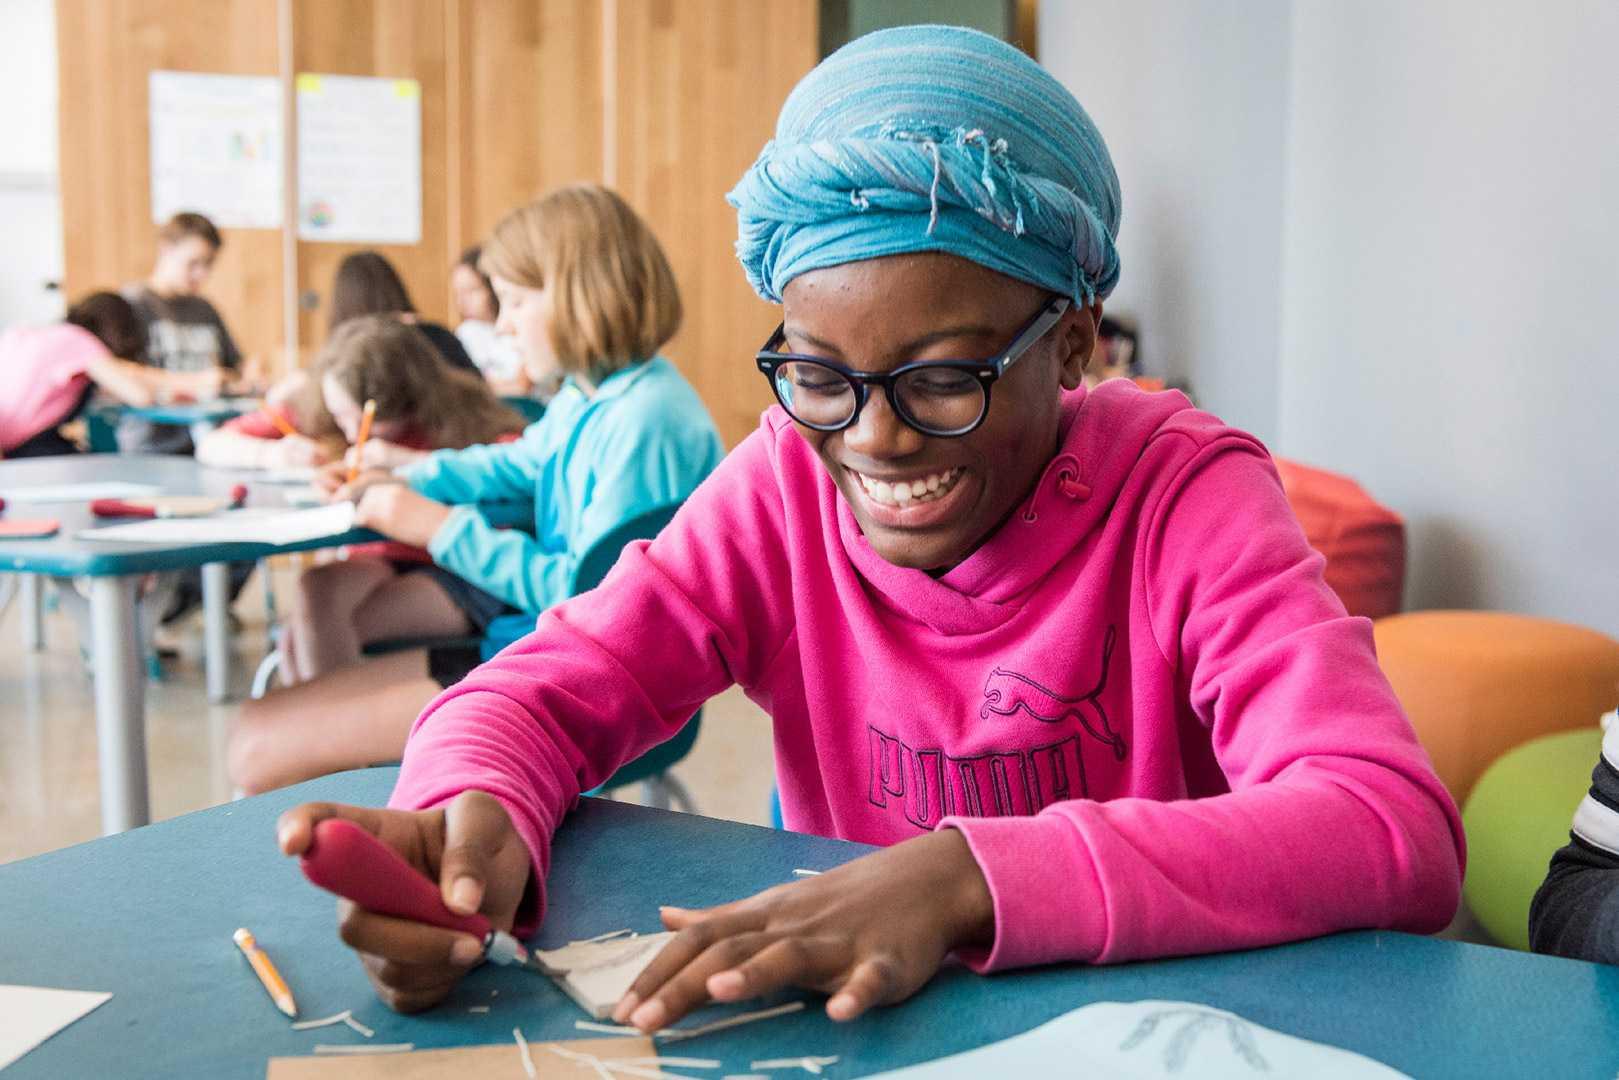 jeune fille participant au camp de jour du Musée des beaux-arts de Montréal. Photo Caroline Hayeur (Collectifs stock photo)